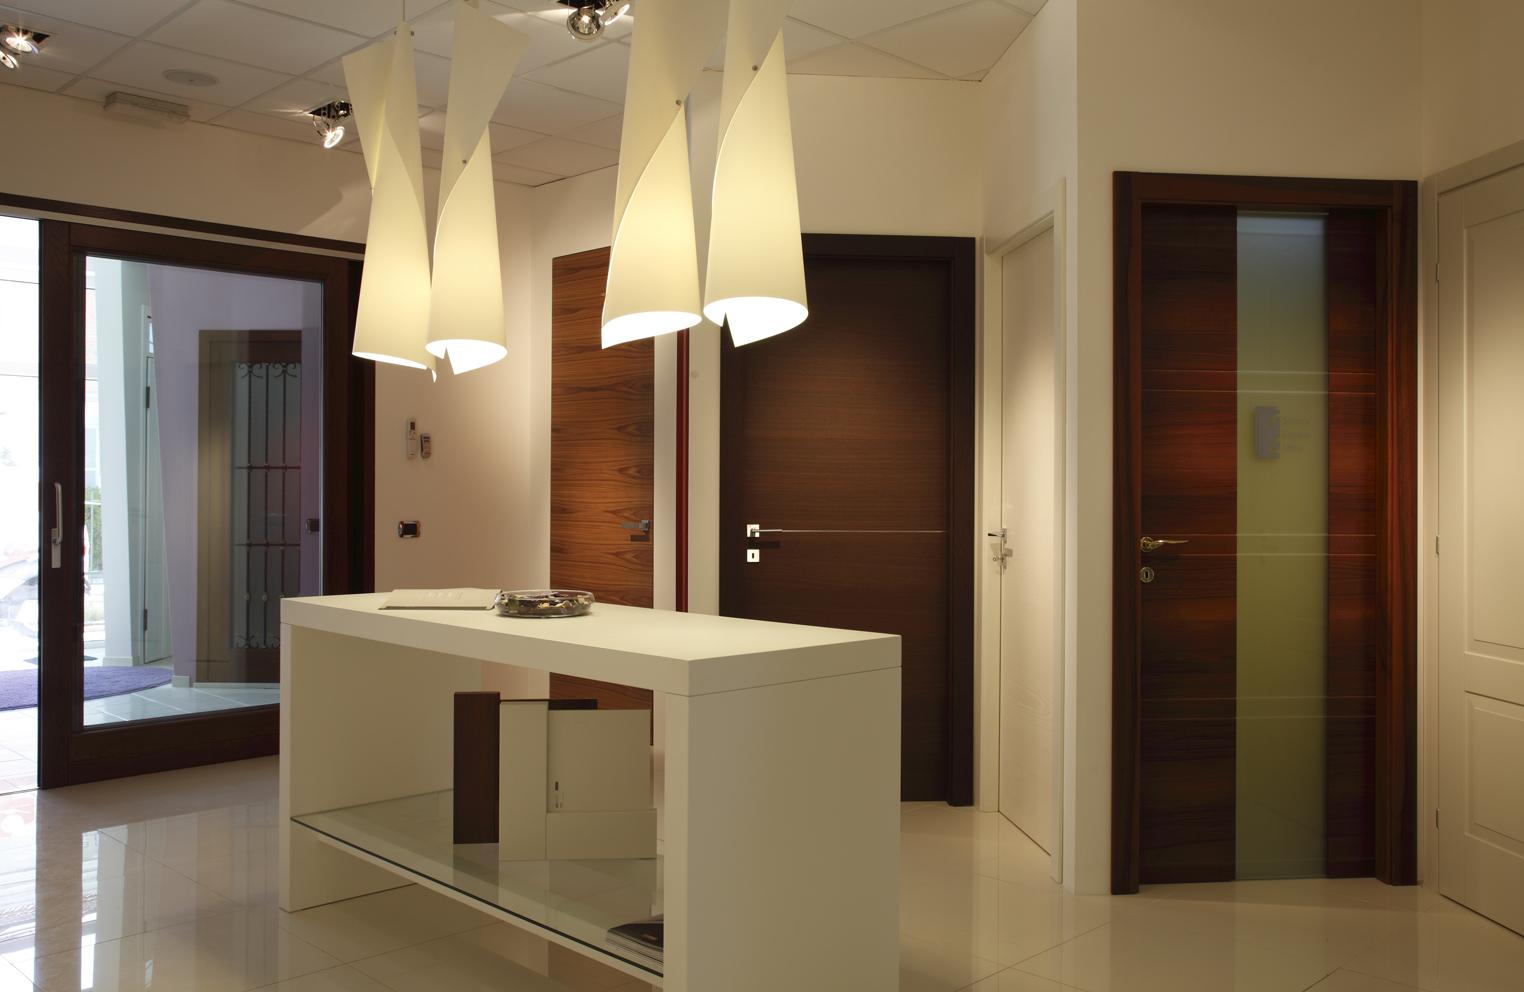 Errebiplast porte e finestre made in italy ristrutturazione showroom - Showroom porte e finestre ...